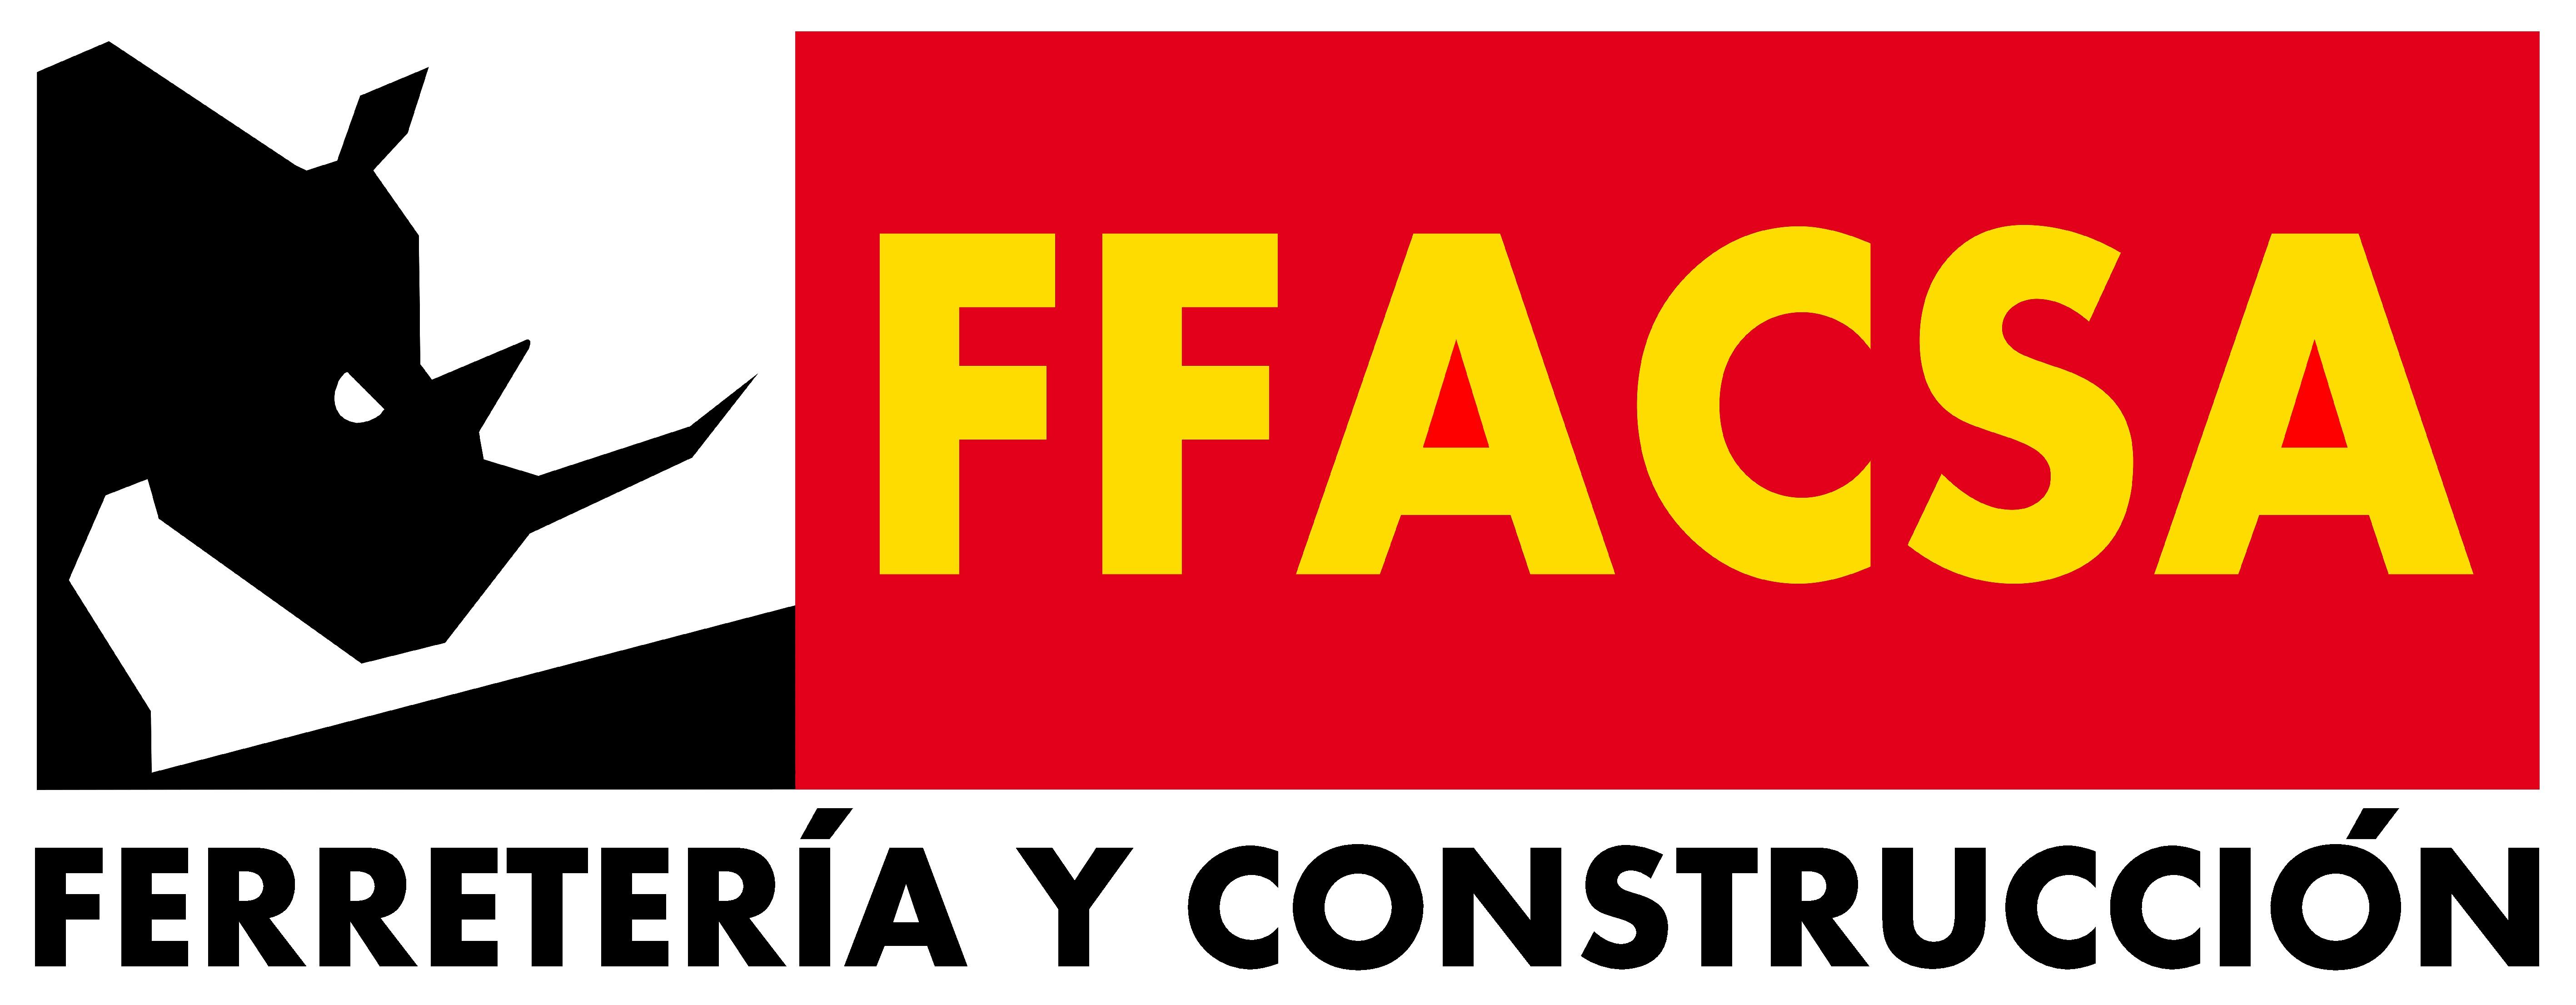 Ferretería y Fabrica de Artículos de Concreto, S. A. (FFACSA)